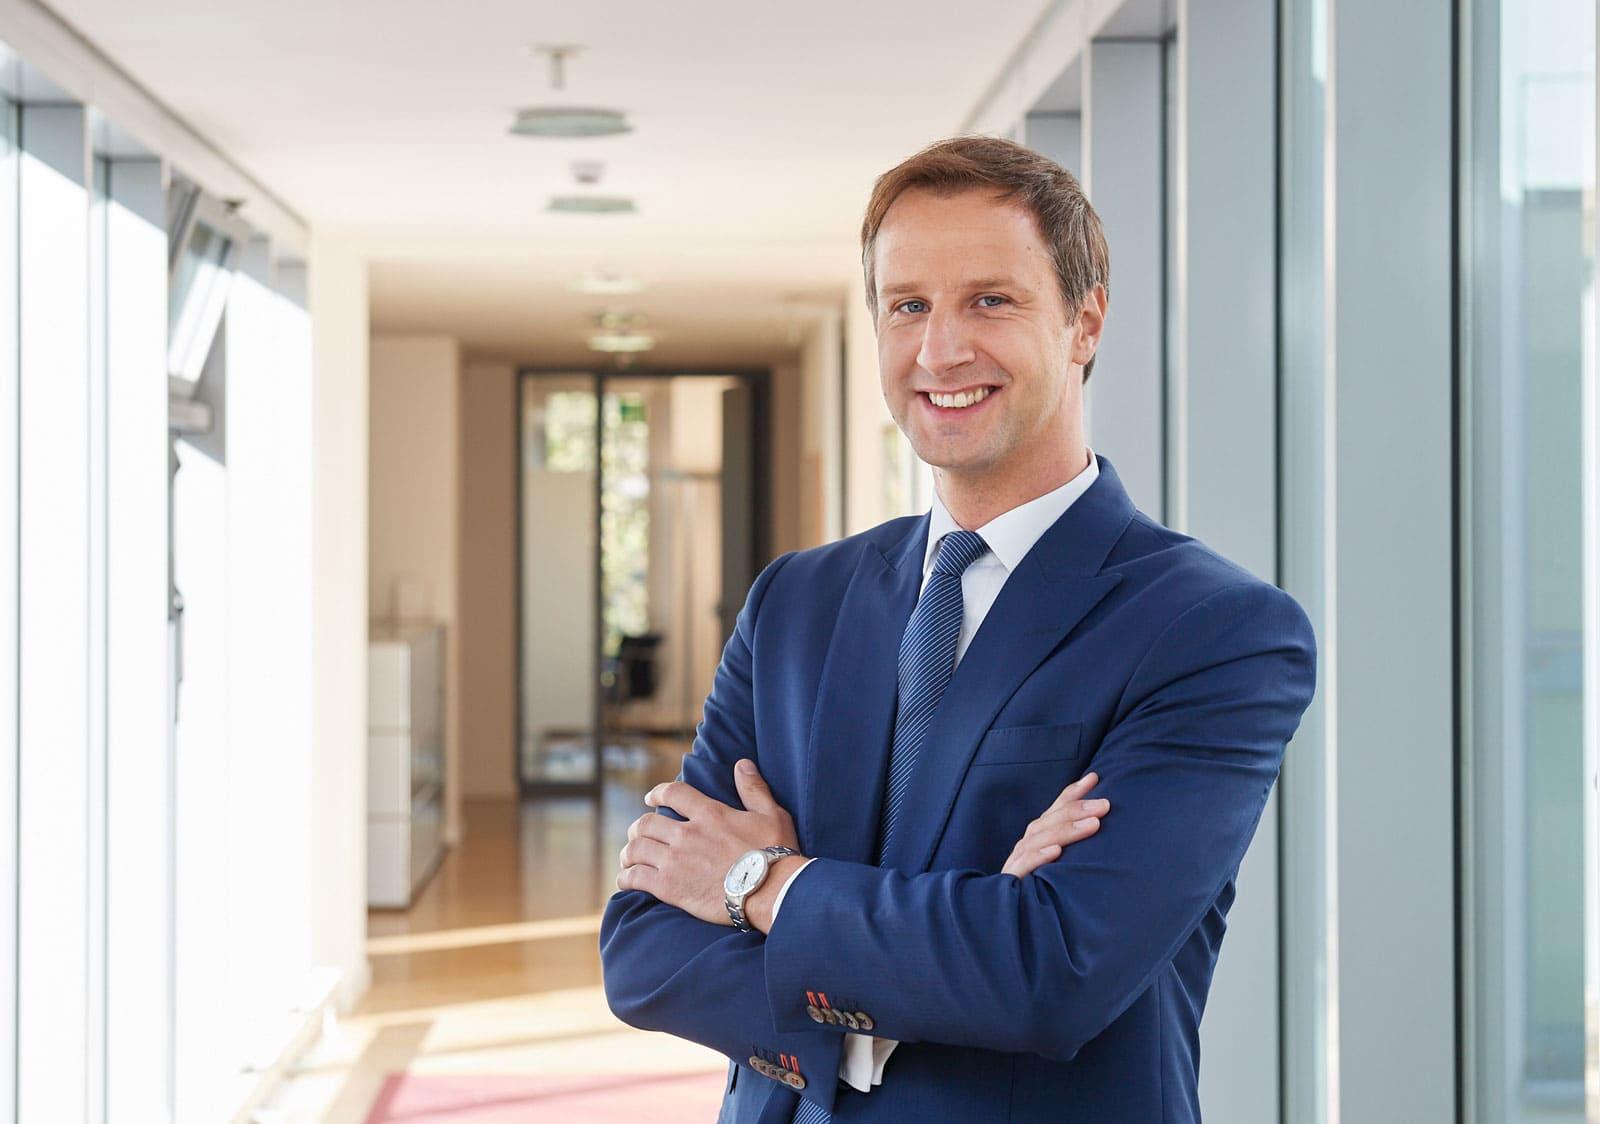 Portraitfoto junger Anwalt in Kanzlei